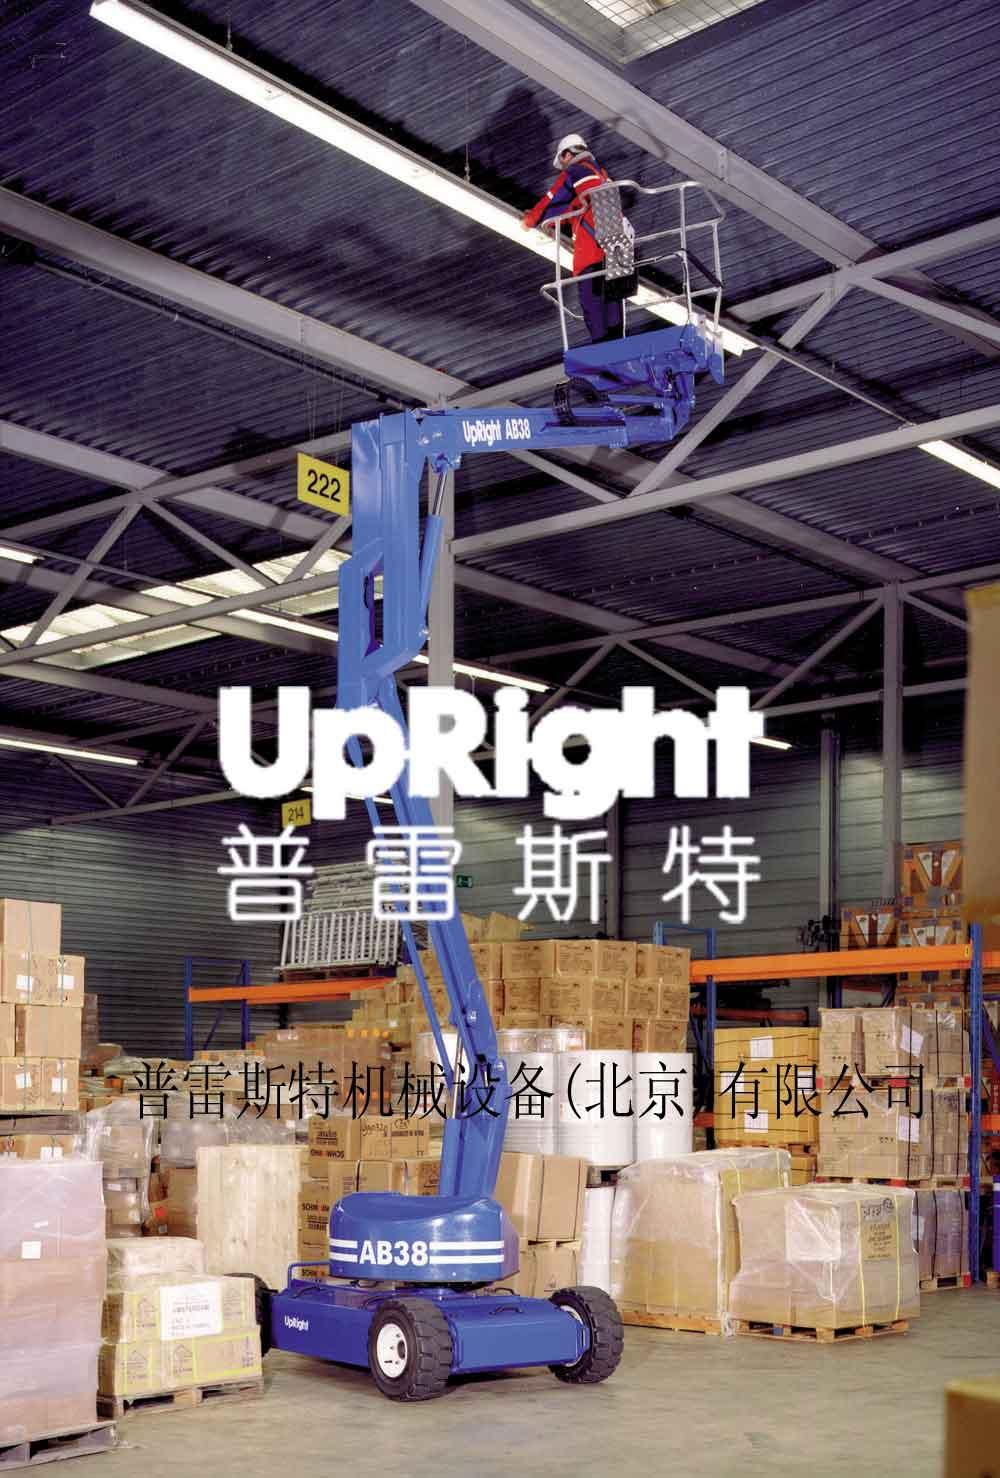 电动升降台,曲臂升降机,自走式曲臂升降车,进口升降机-普雷斯特机械设备(北京)有限公司